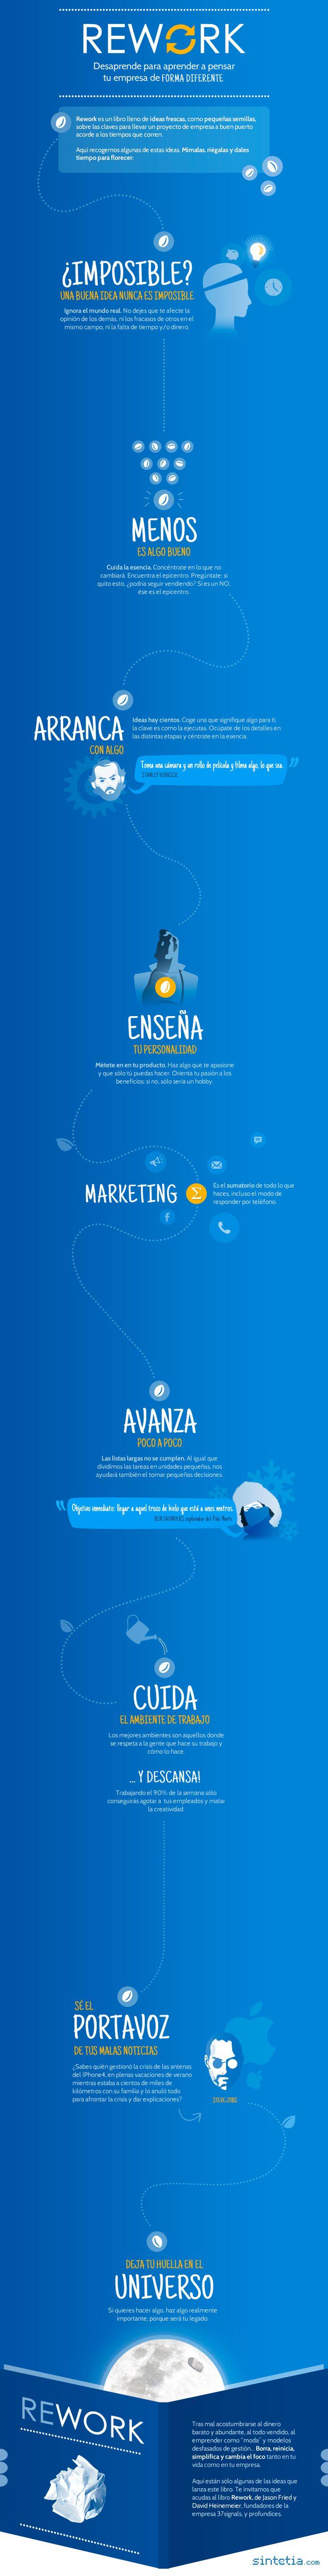 Rework: desaprende para pensar tu empresa de forma diferente #infografia